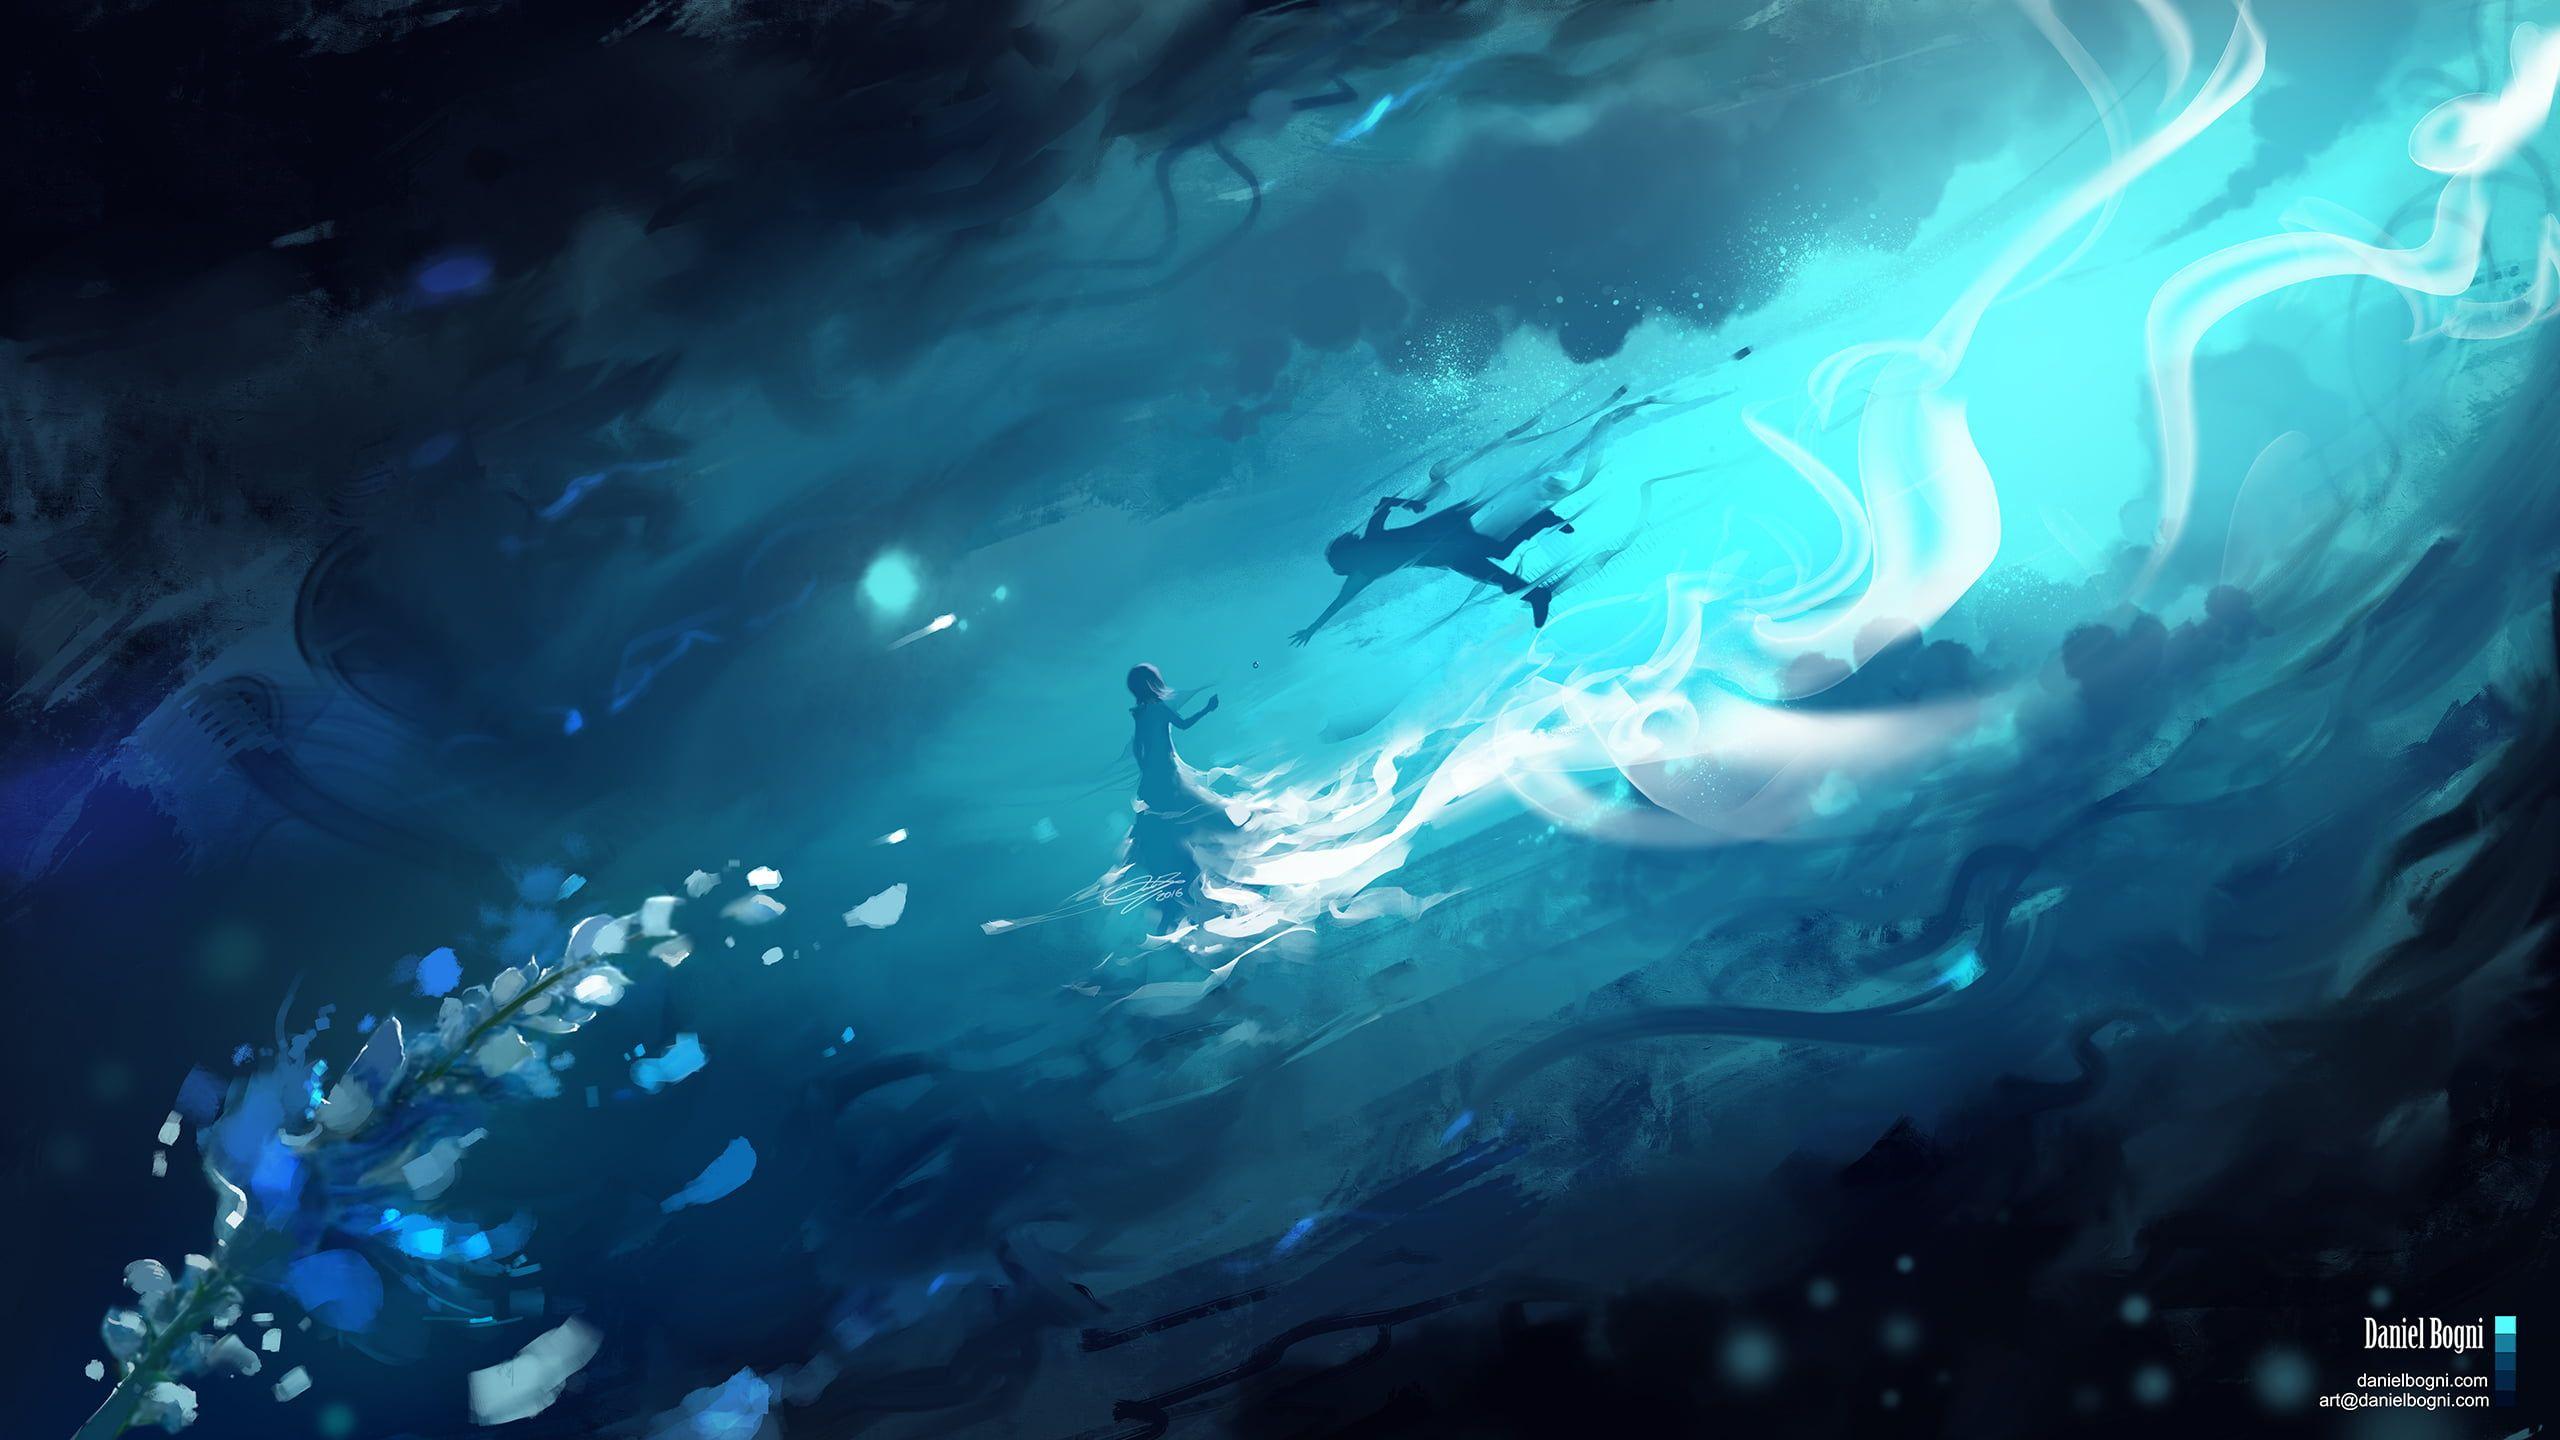 Digital Art Wallpaper Final Fantasy Xv Luna Final Fantasy Xv Fan